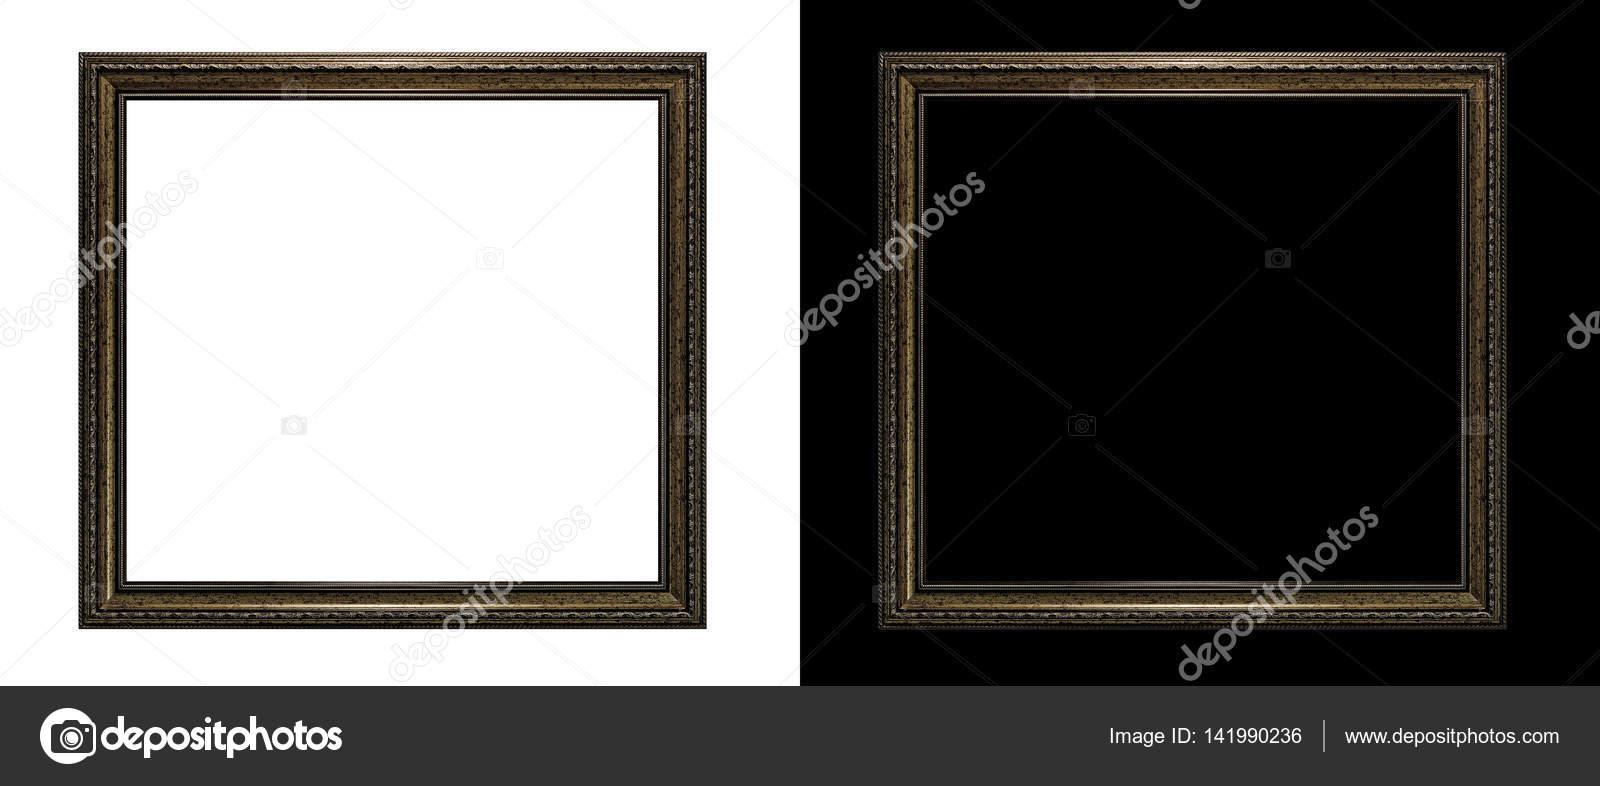 Rahmen im antiken Stil. Edel vergoldete Rahmen - quadratische Form ...